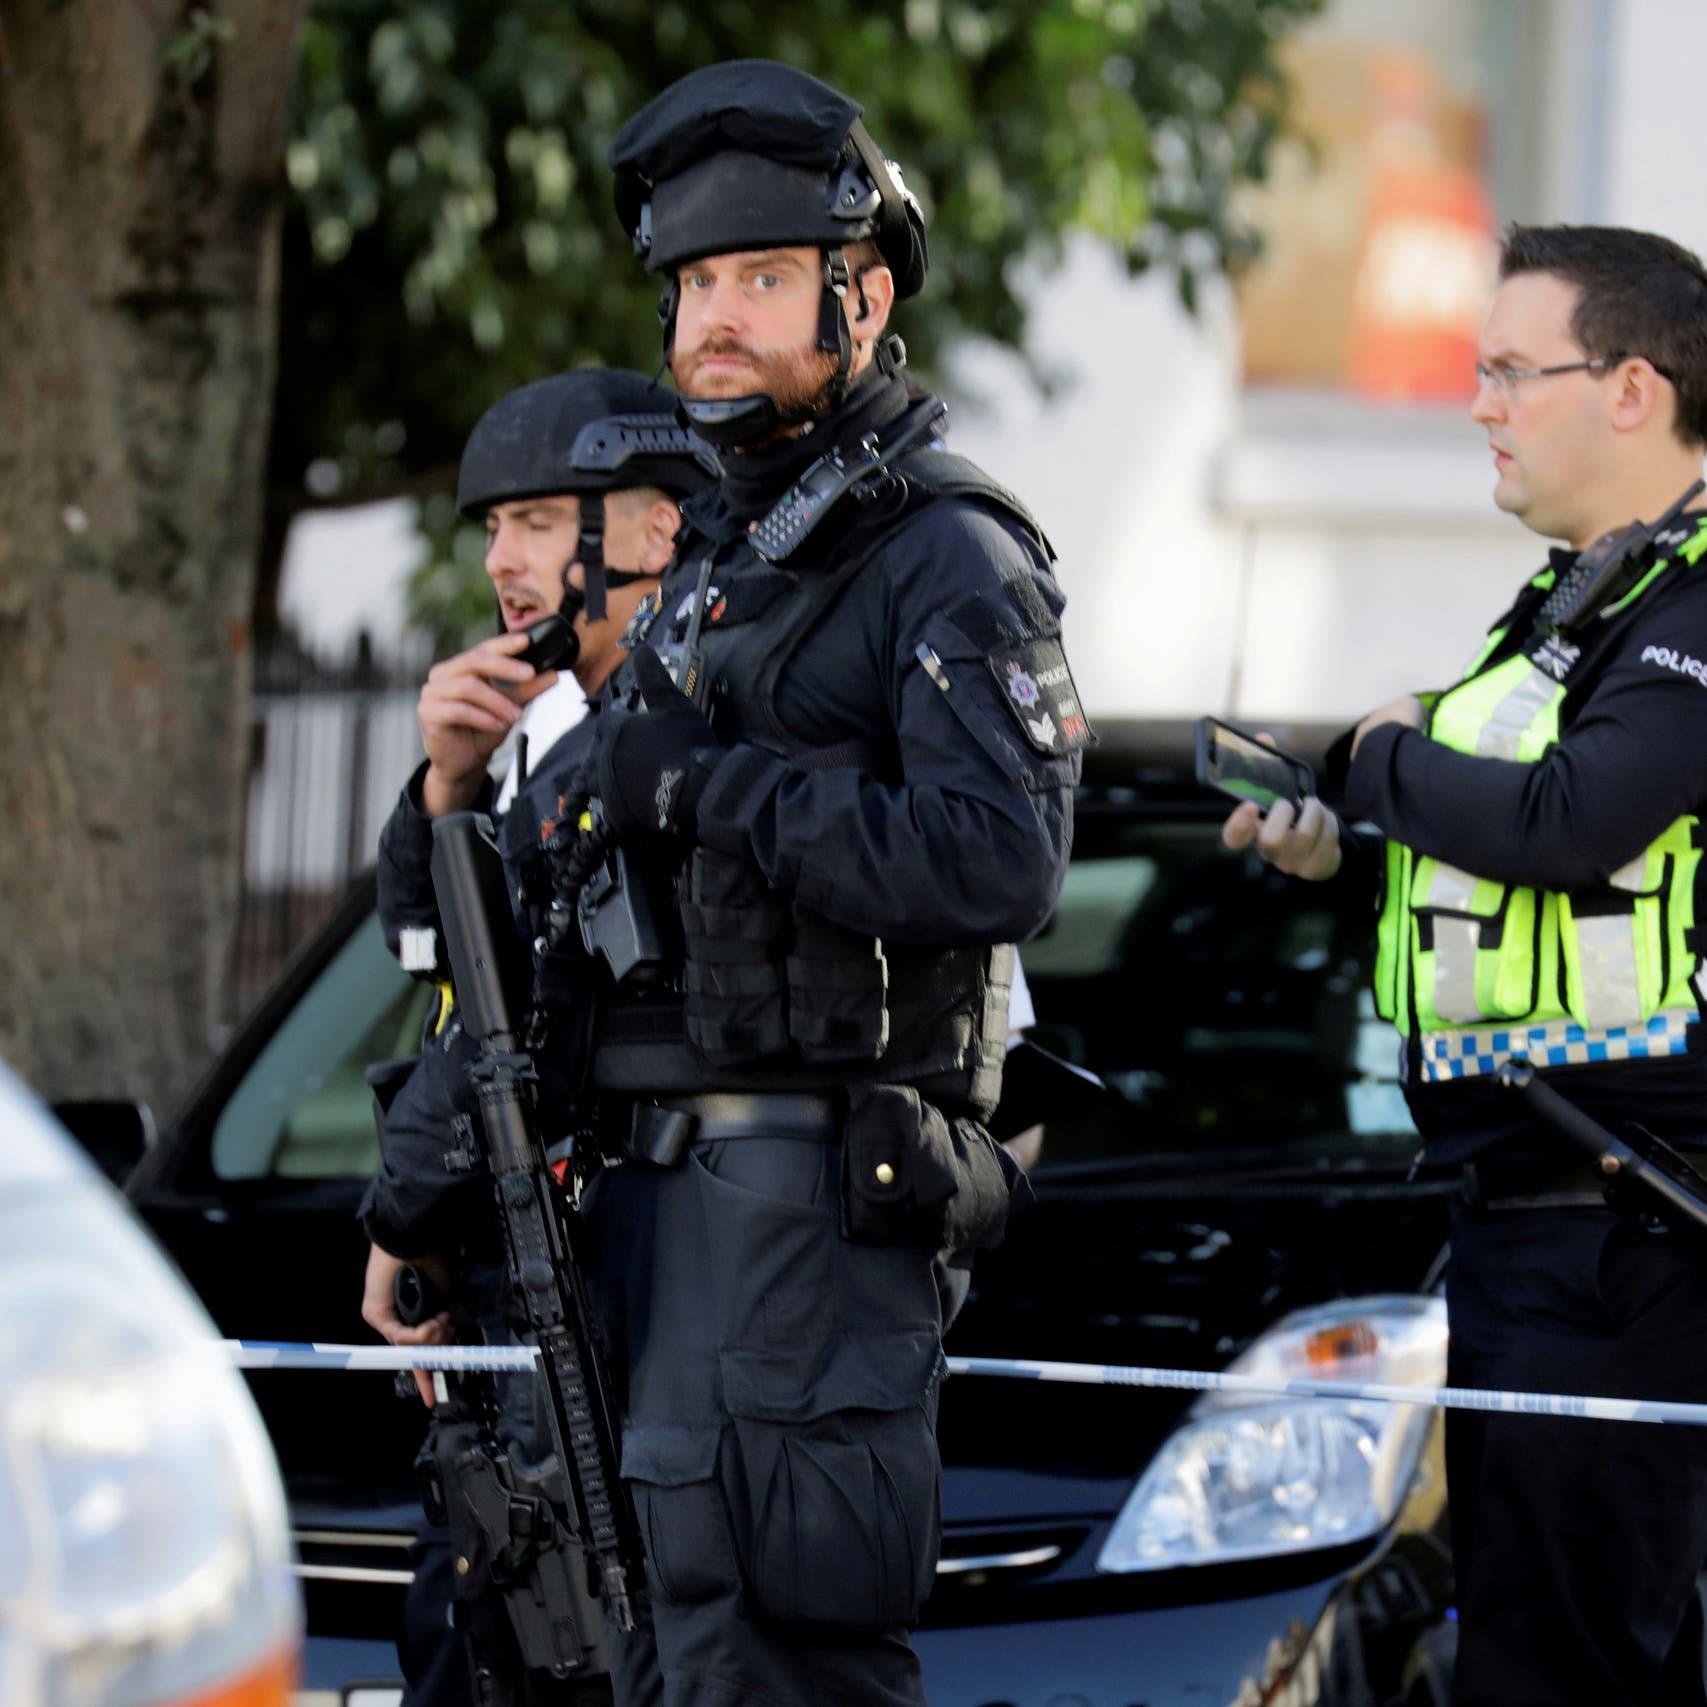 بريطانيا: أحبطنا 22 هجوماً منذ مارس 2017